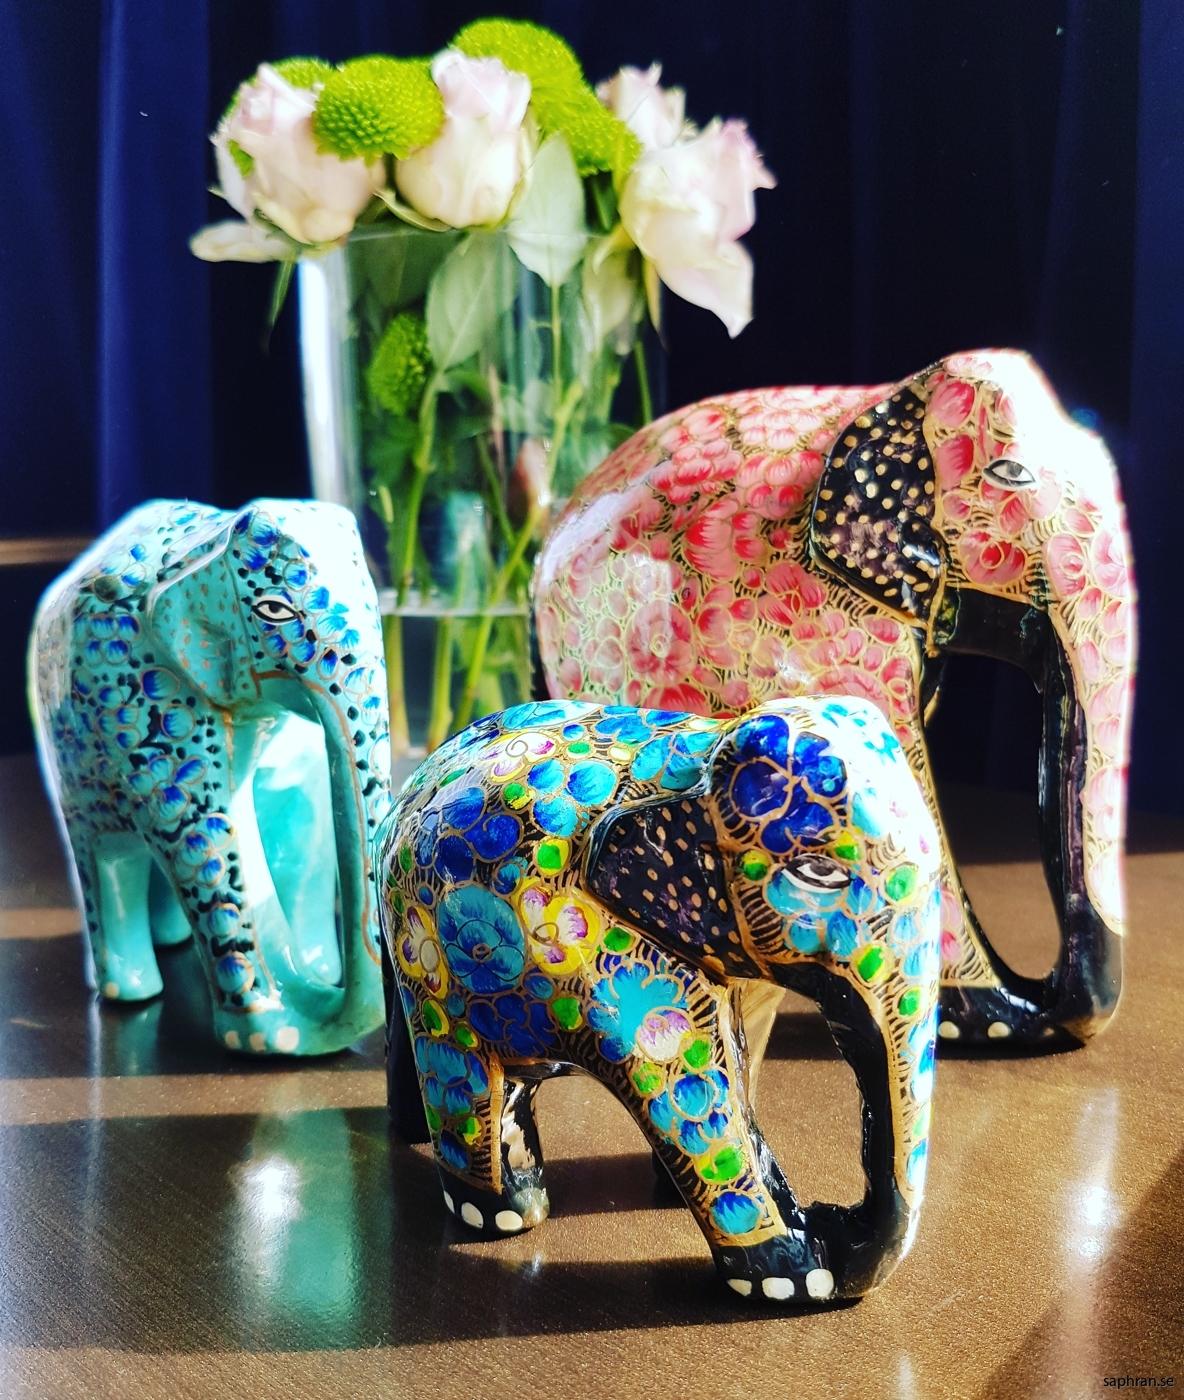 Fantastiska färgglada, handmålade elefanter från Indien